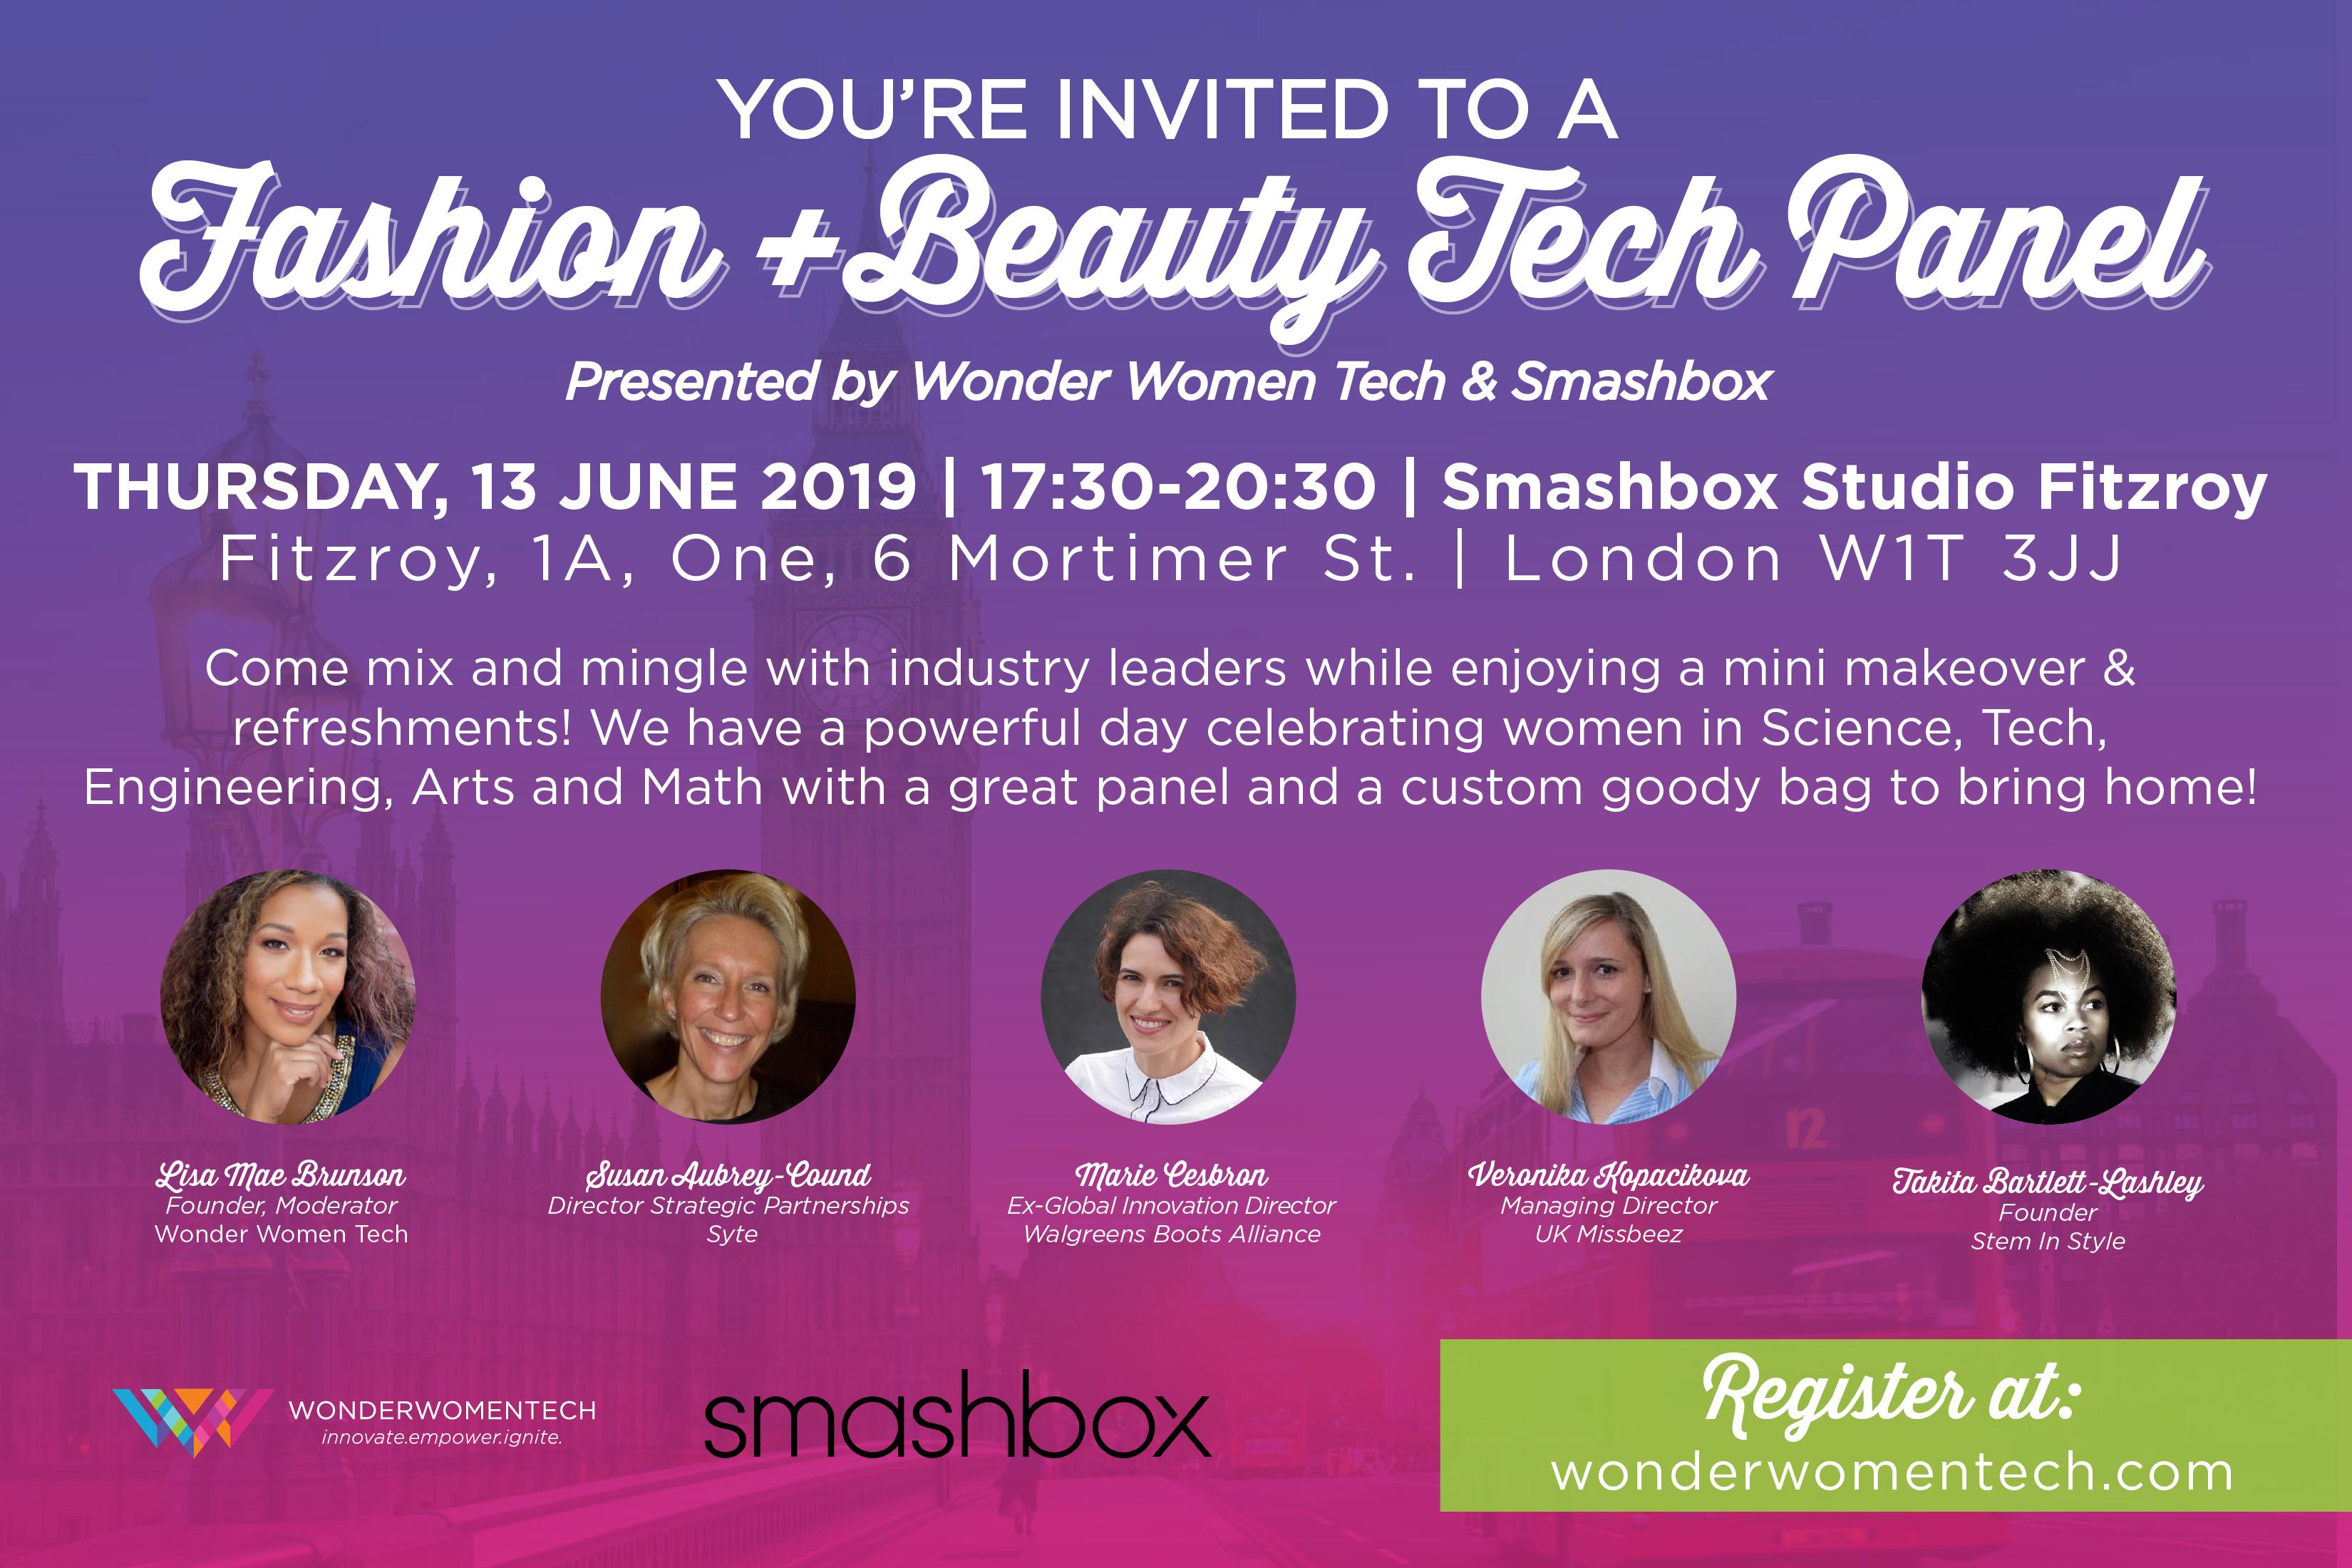 Smashbox Fashion + Beauty Tech Panel & Networking Mixer